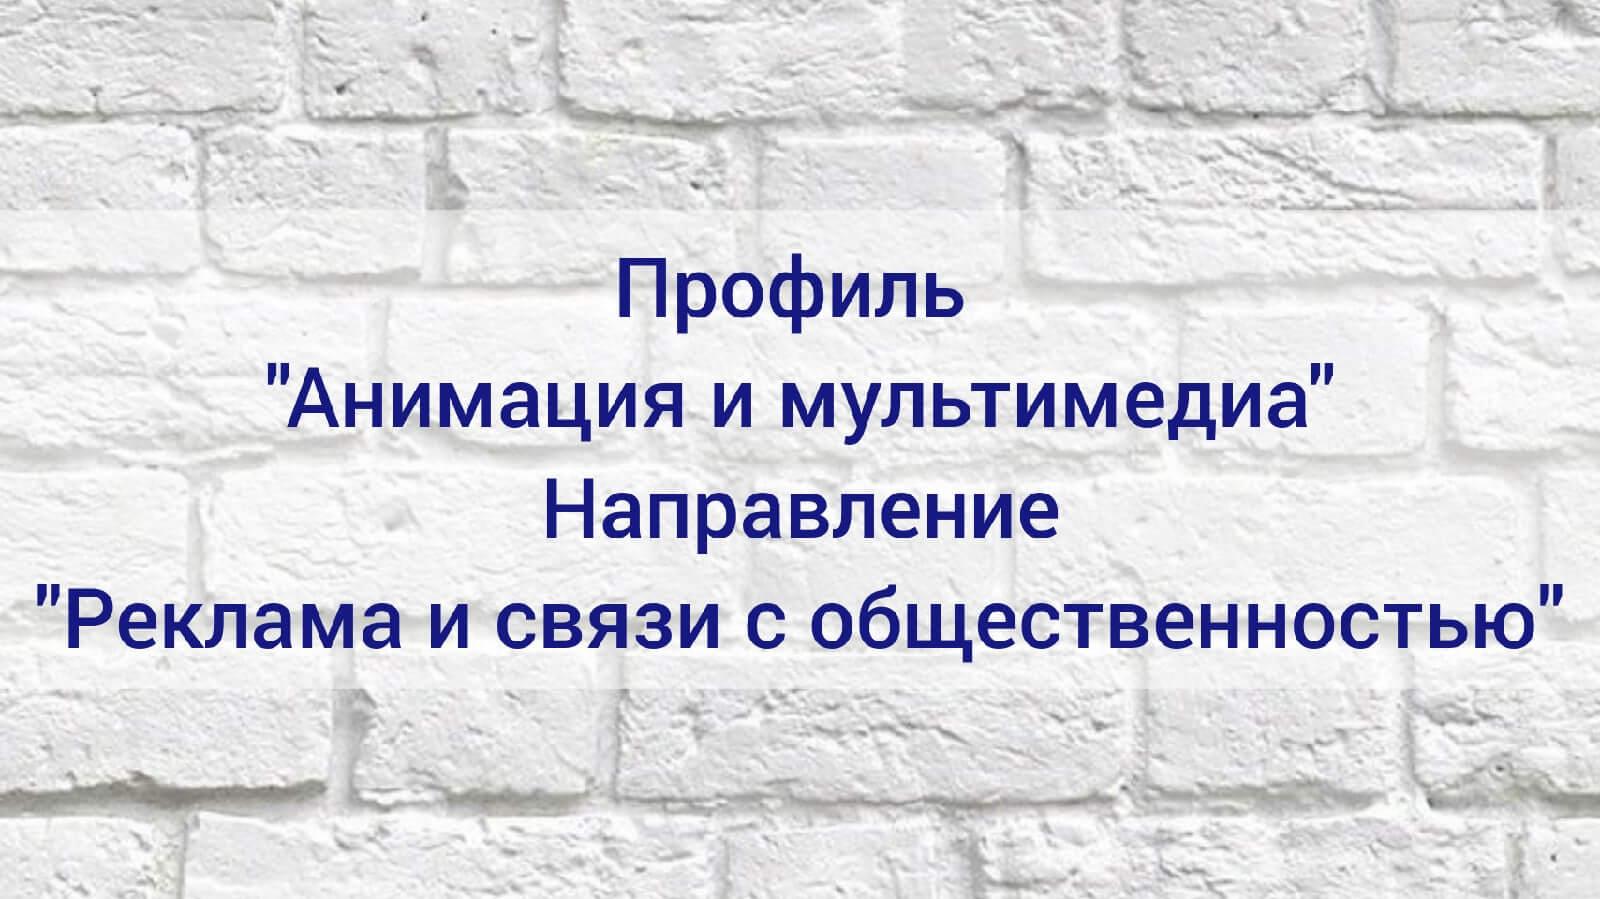 Профиль «Анимация и мультимедиа» Иркутского государственного университета